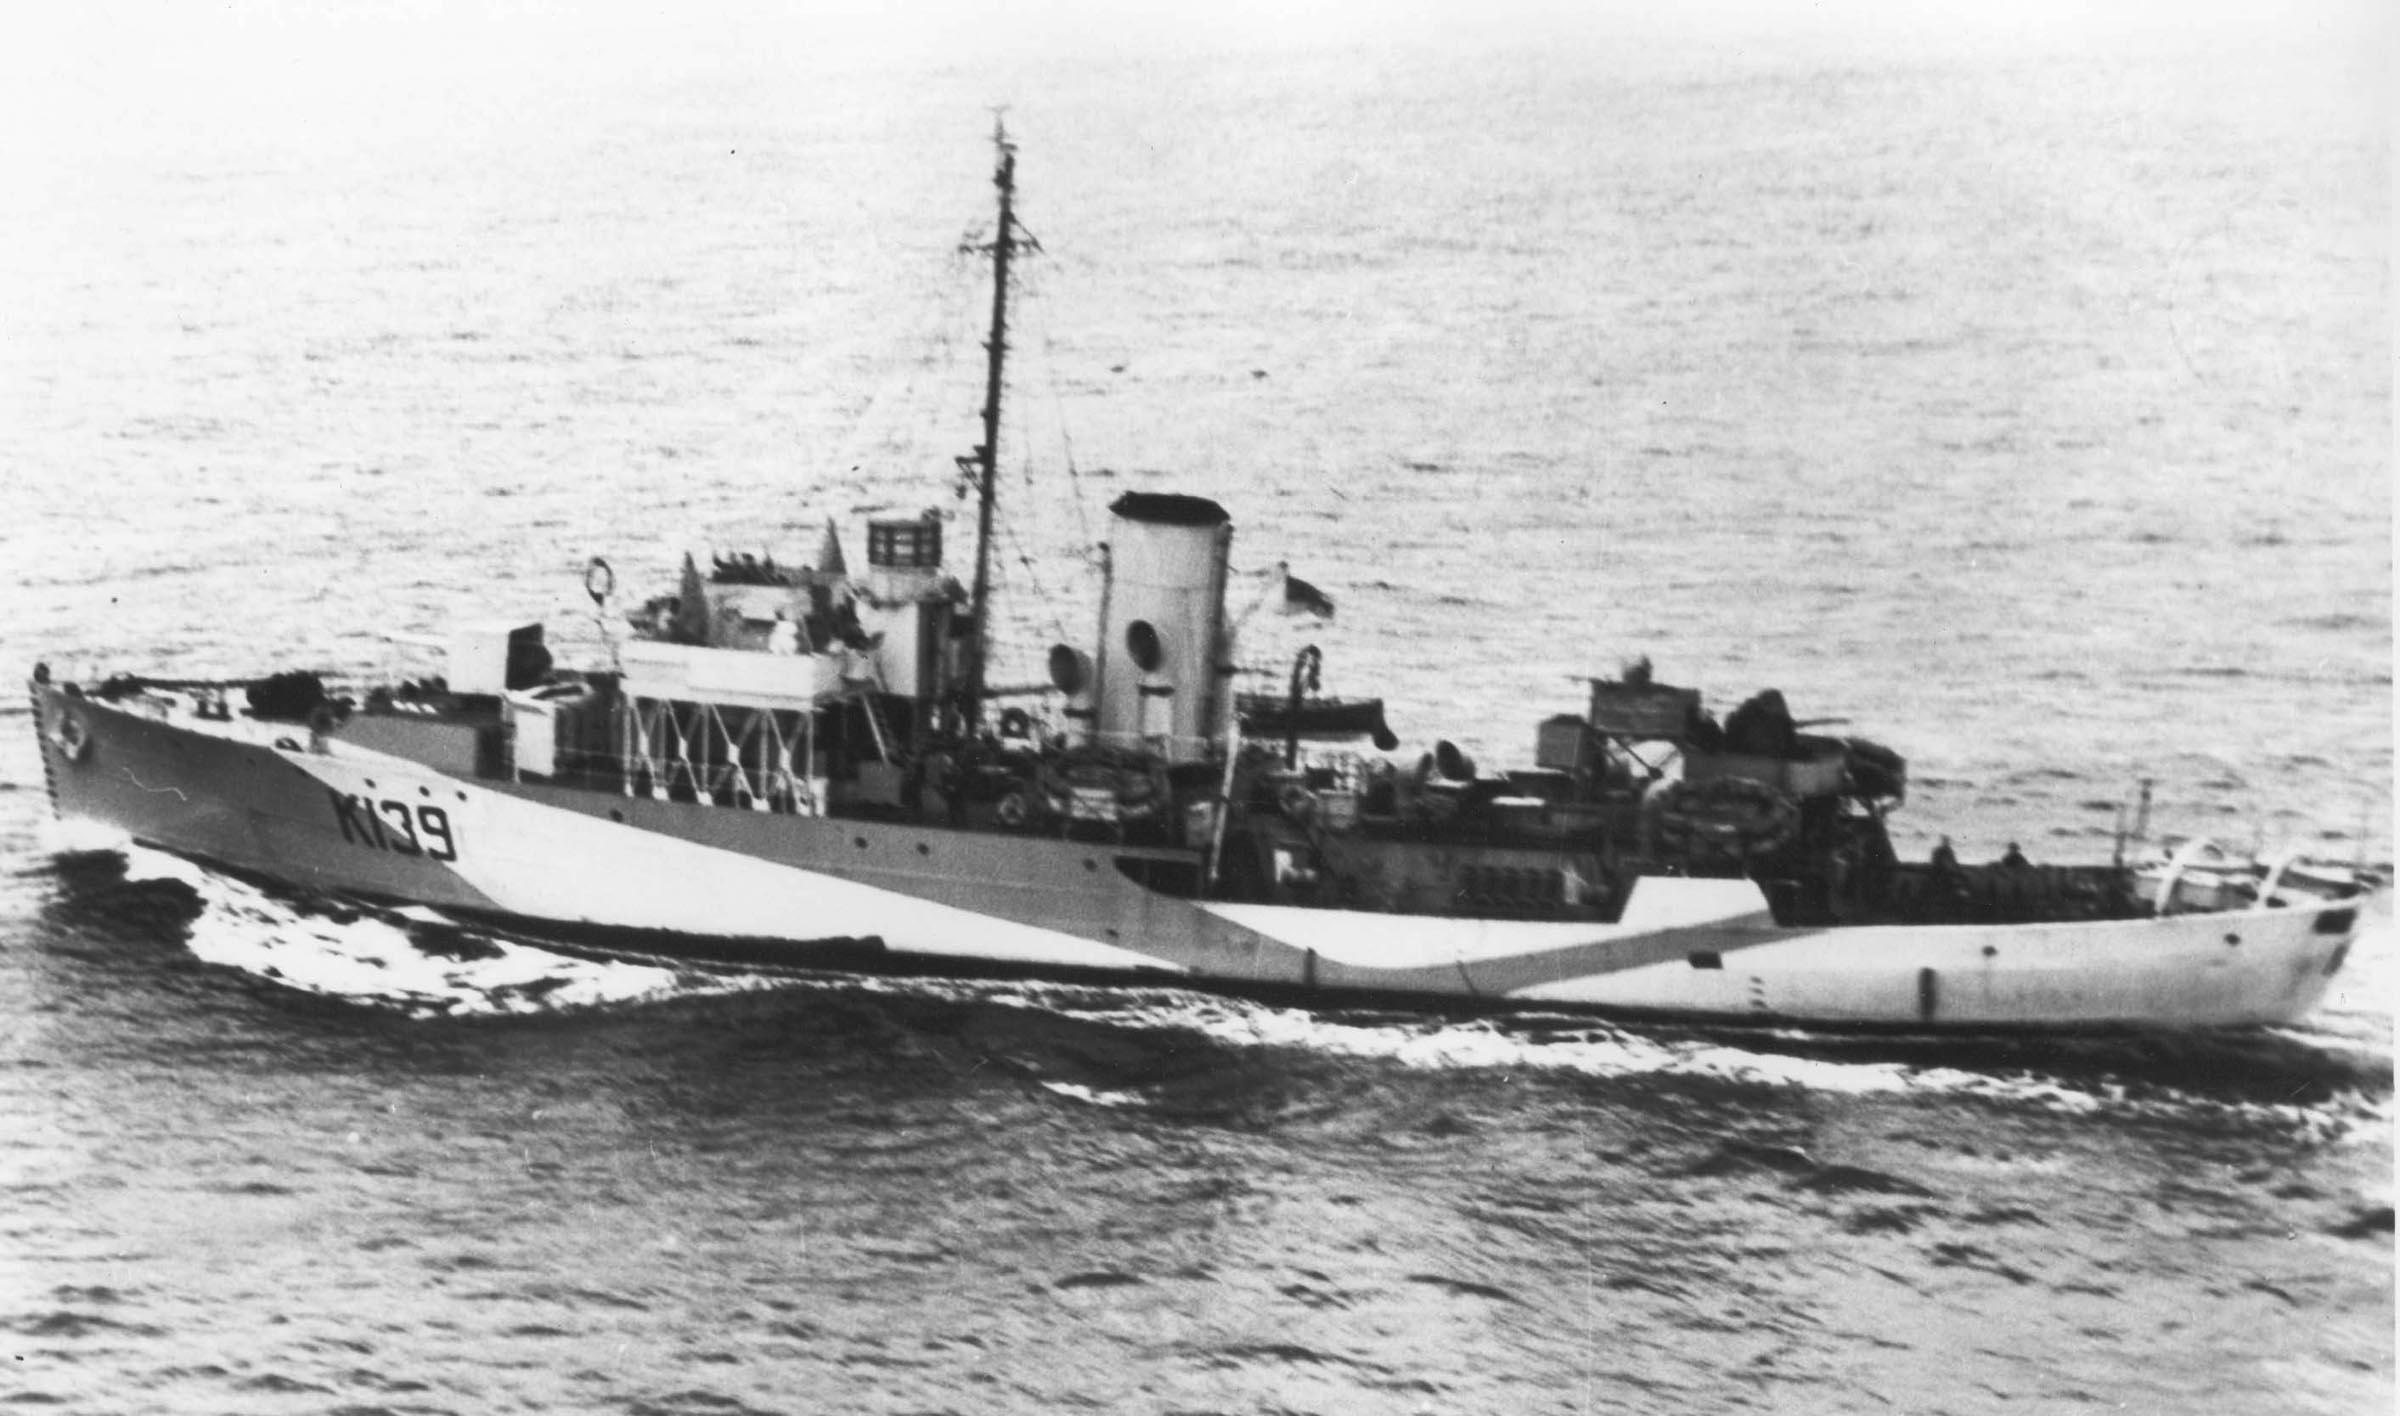 HMCS MONCTON (1st)